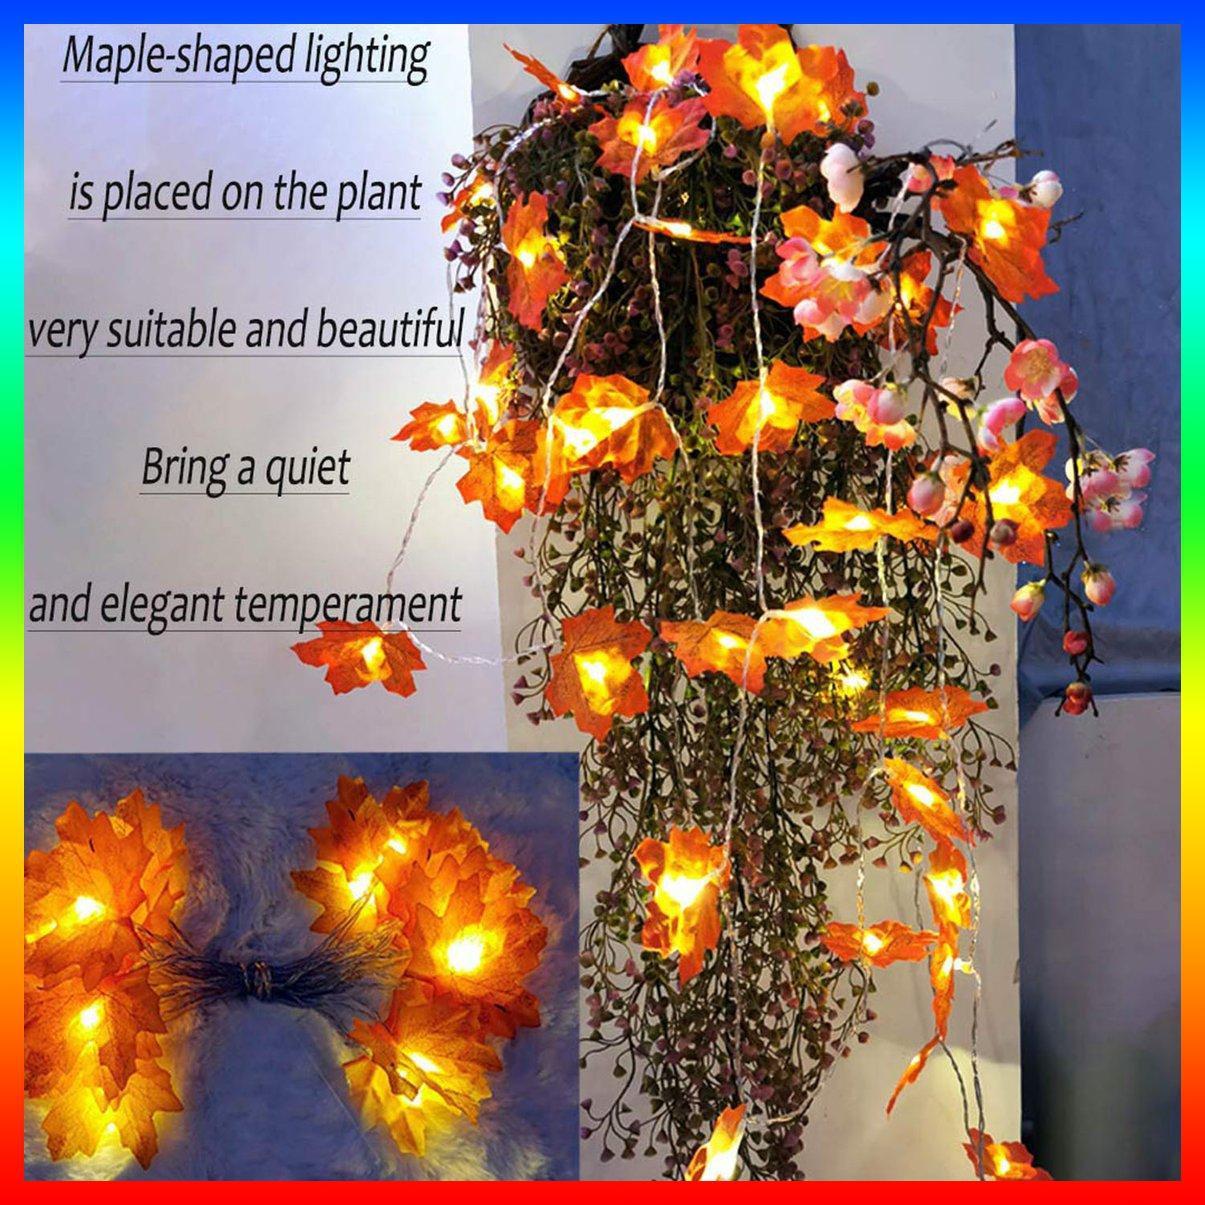 1 Dây 10 Đèn Led Dài 1.5m Hình Lá Phong Trang Trí Giáng Sinh